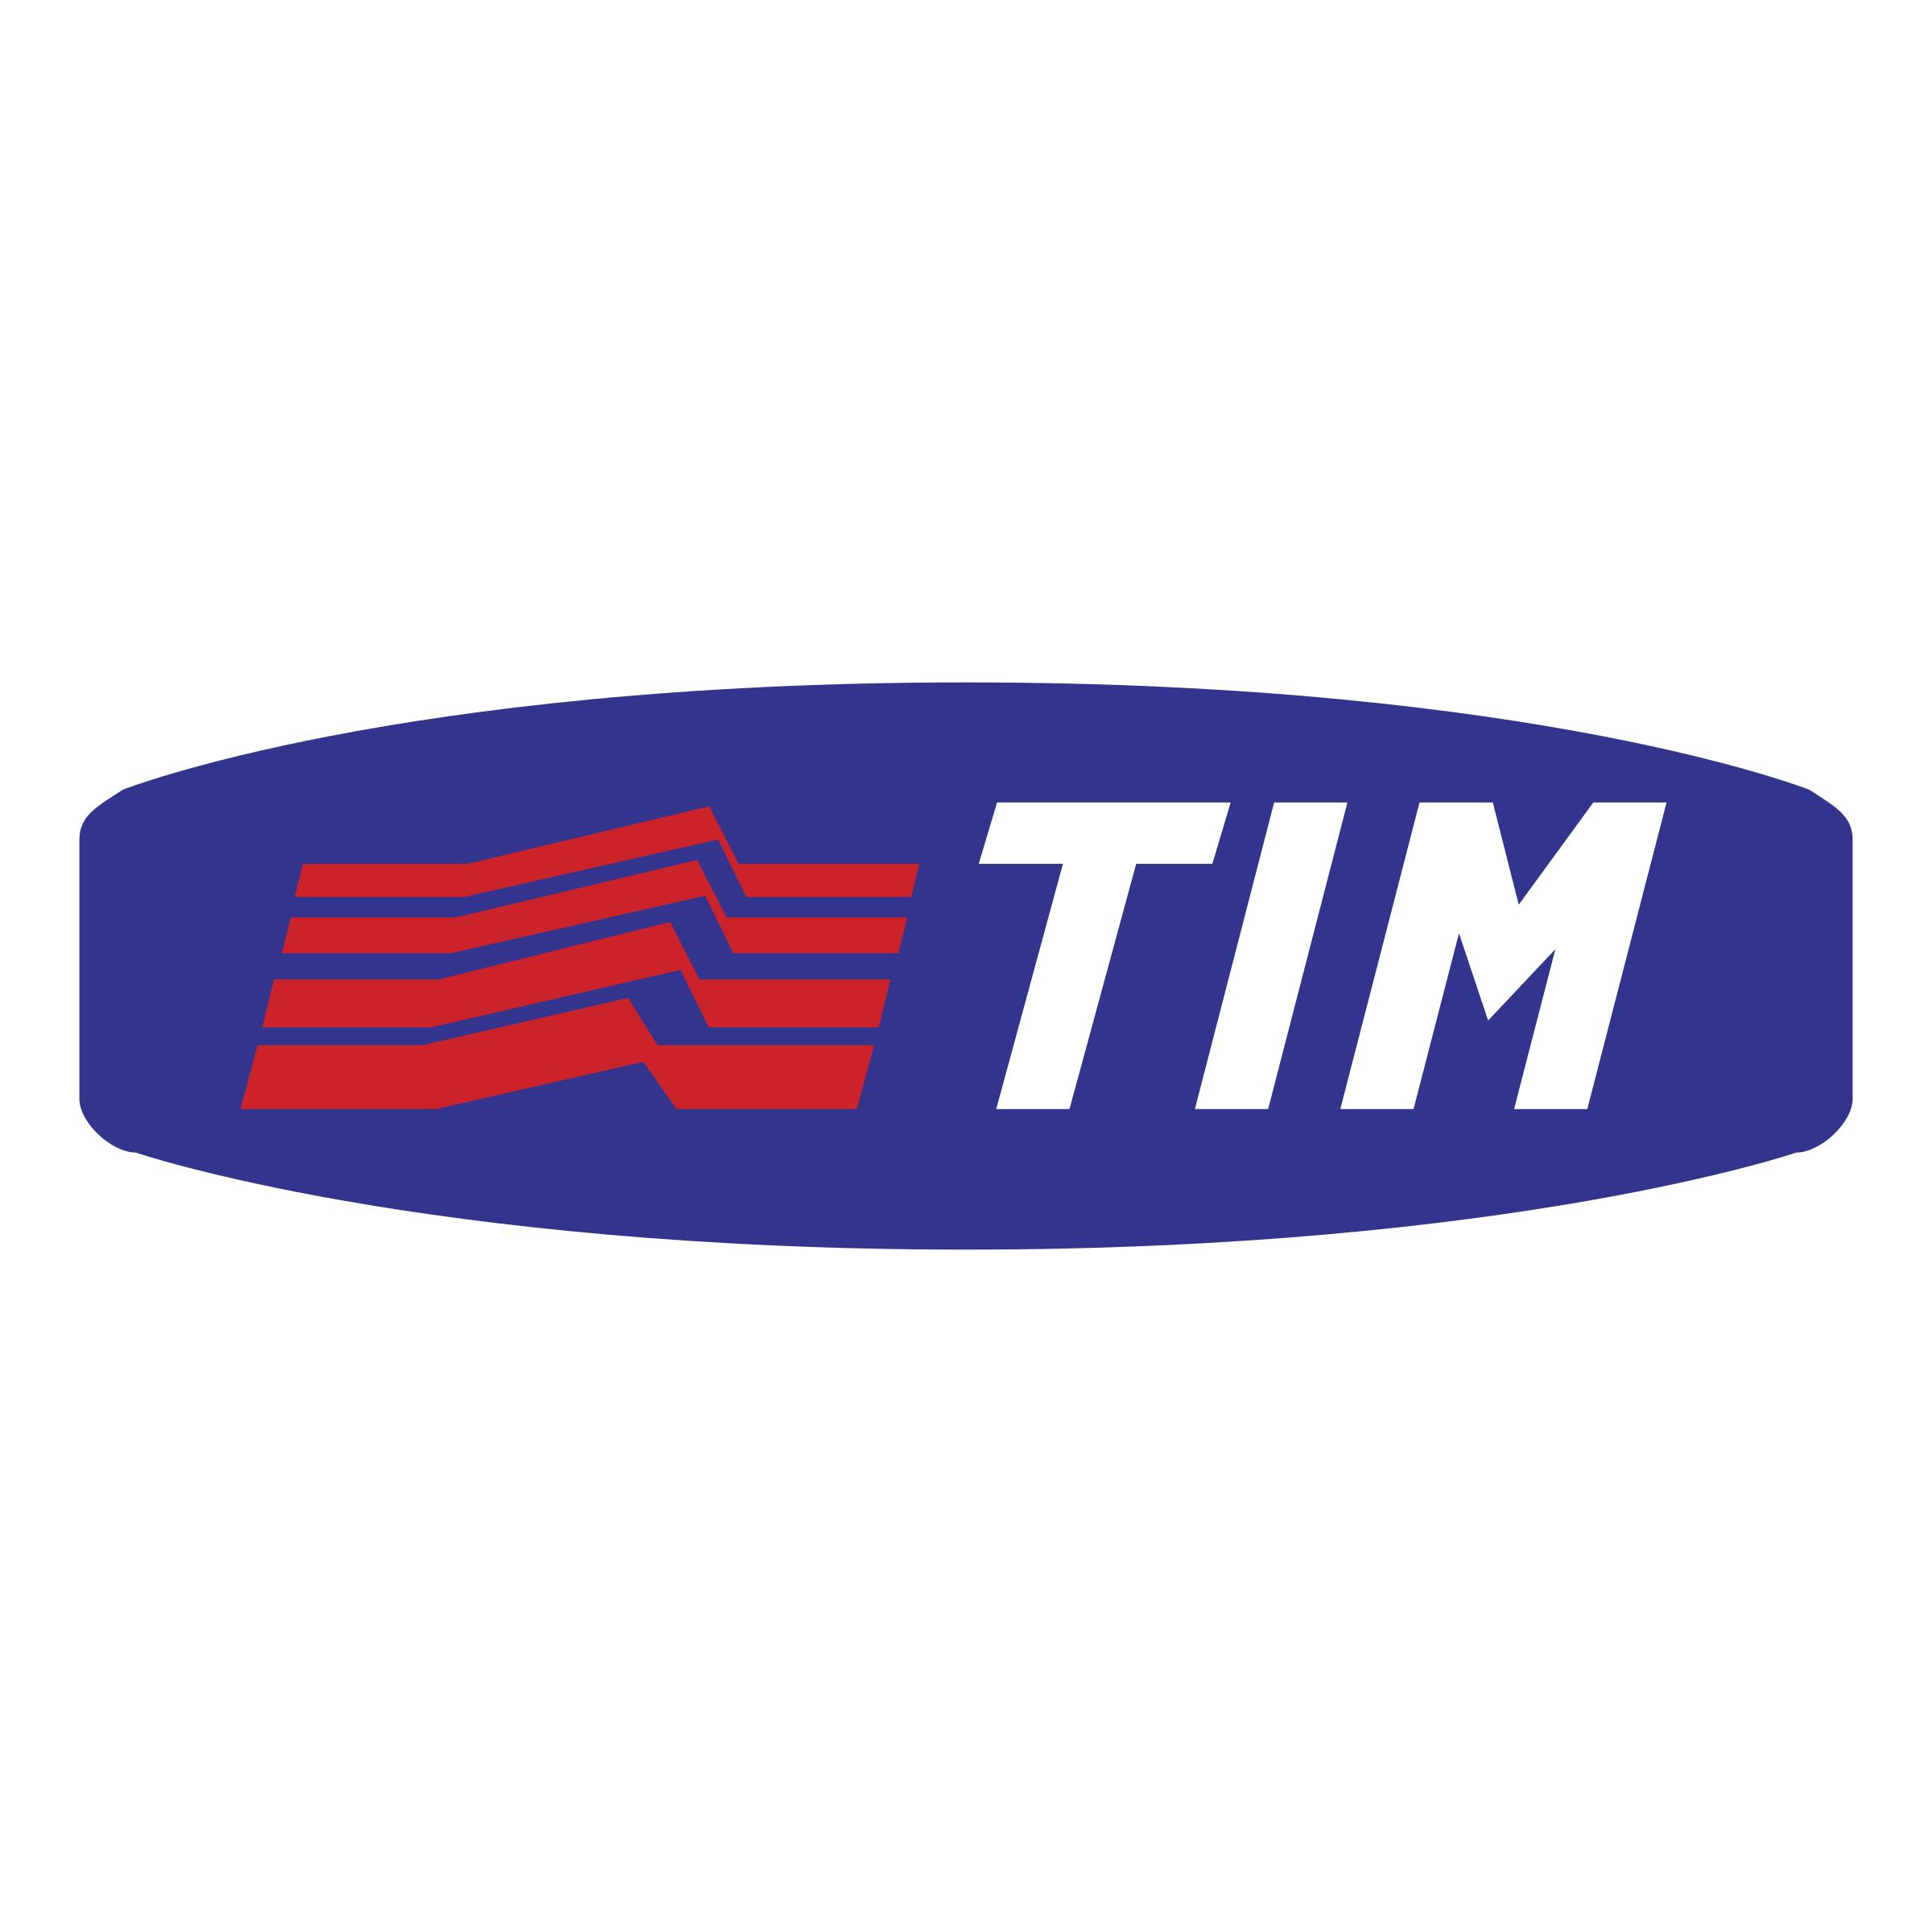 TIM Logo PNG Transparent & SVG Vector.